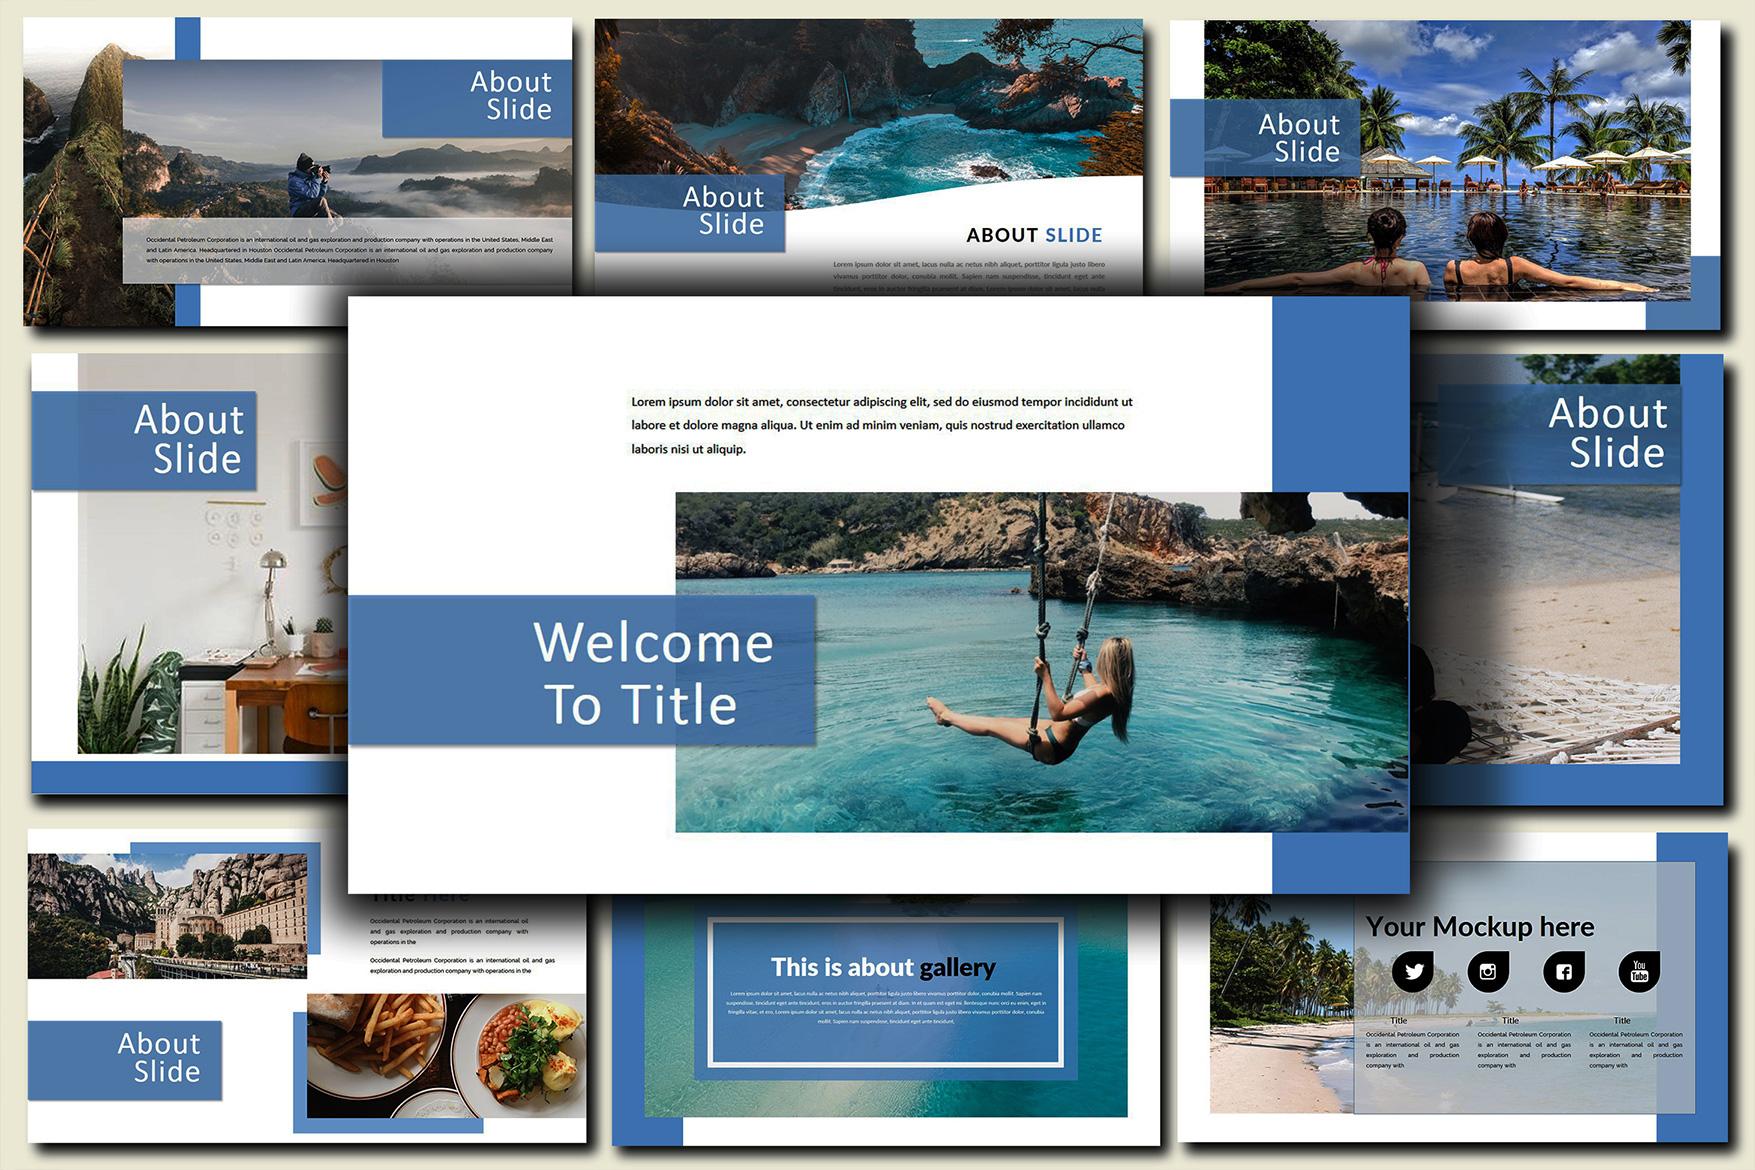 Holiday - Google Slides Presentation example image 8